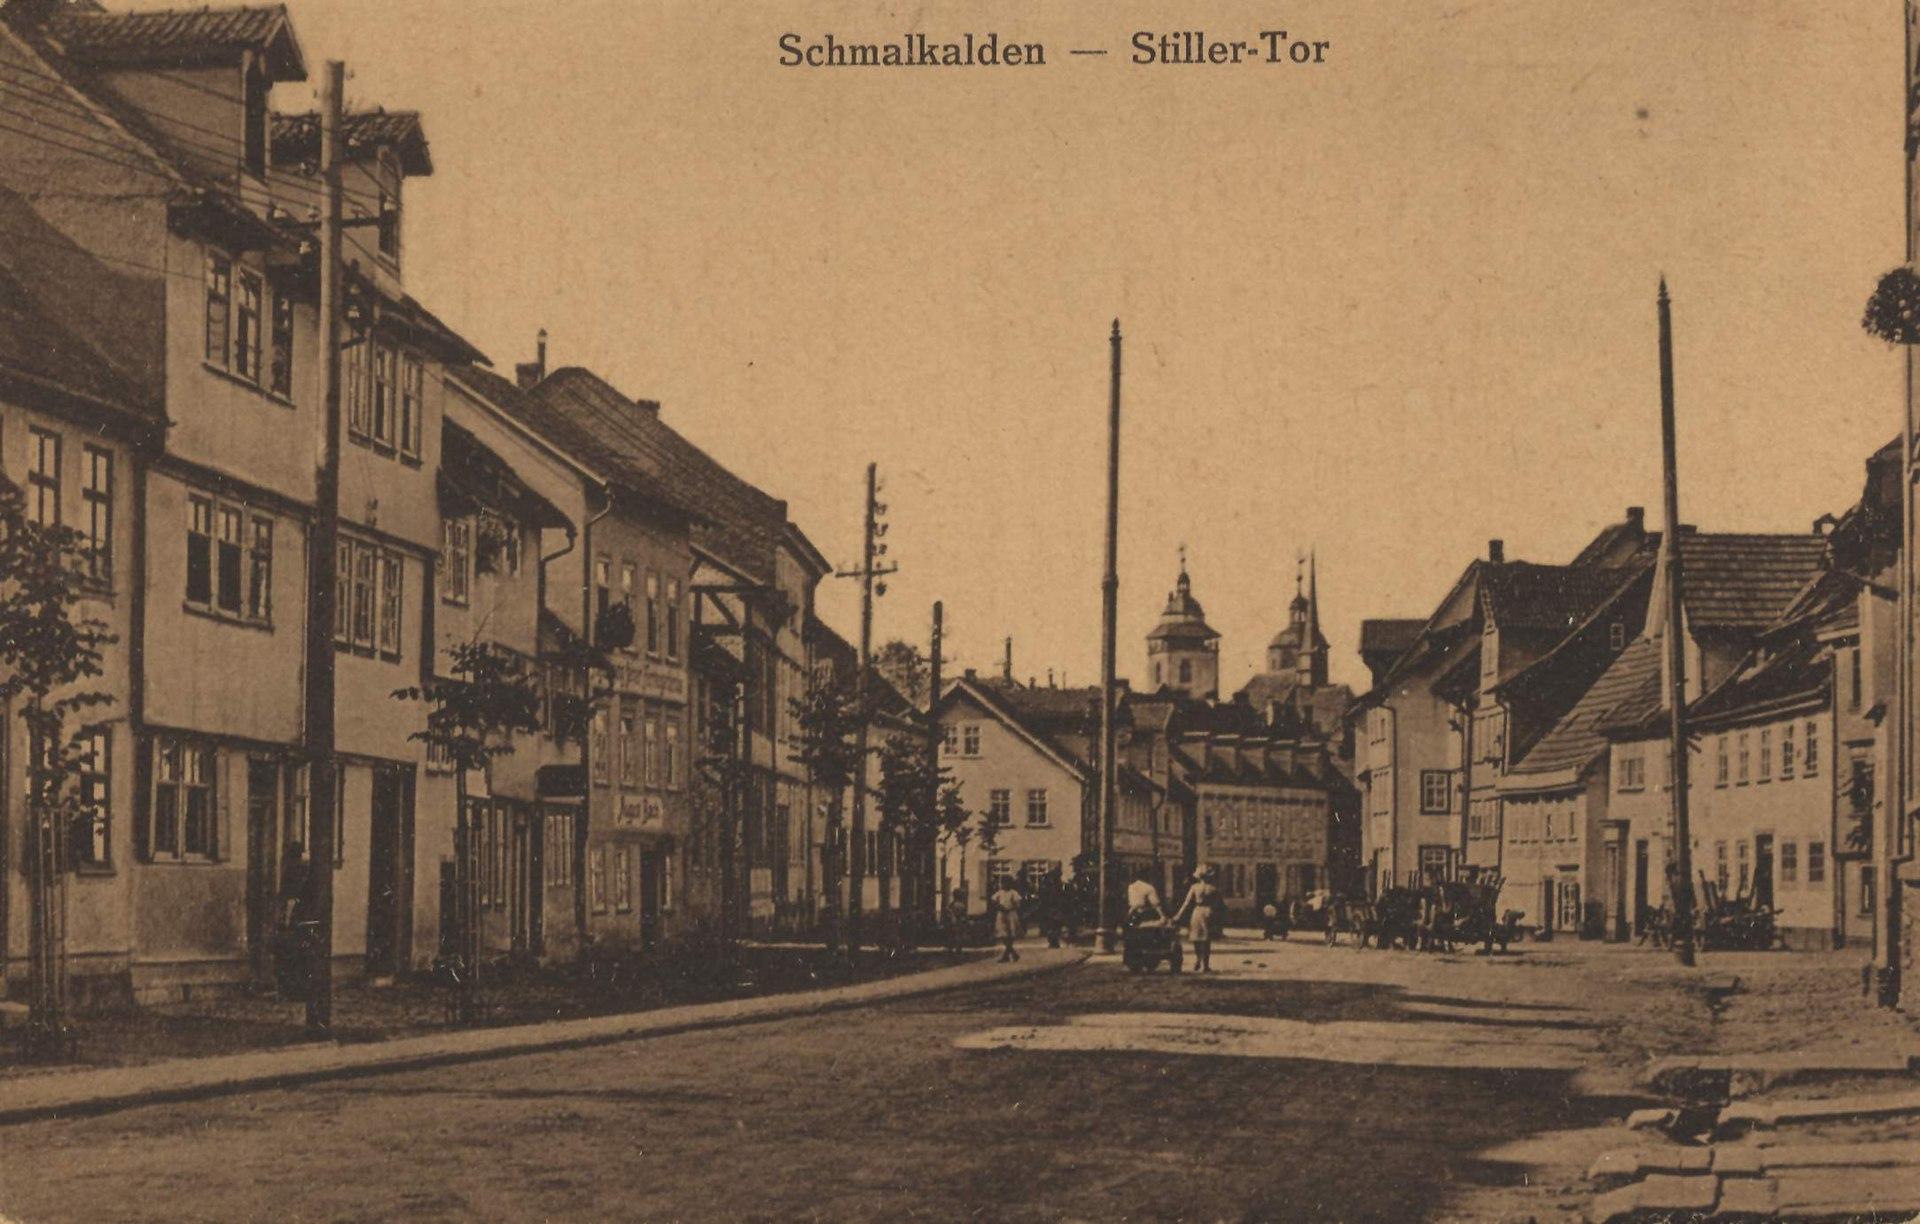 Schmalkalden, Thüringen - Straße mit Stillertor (Zeno Ansichtskarten).jpg